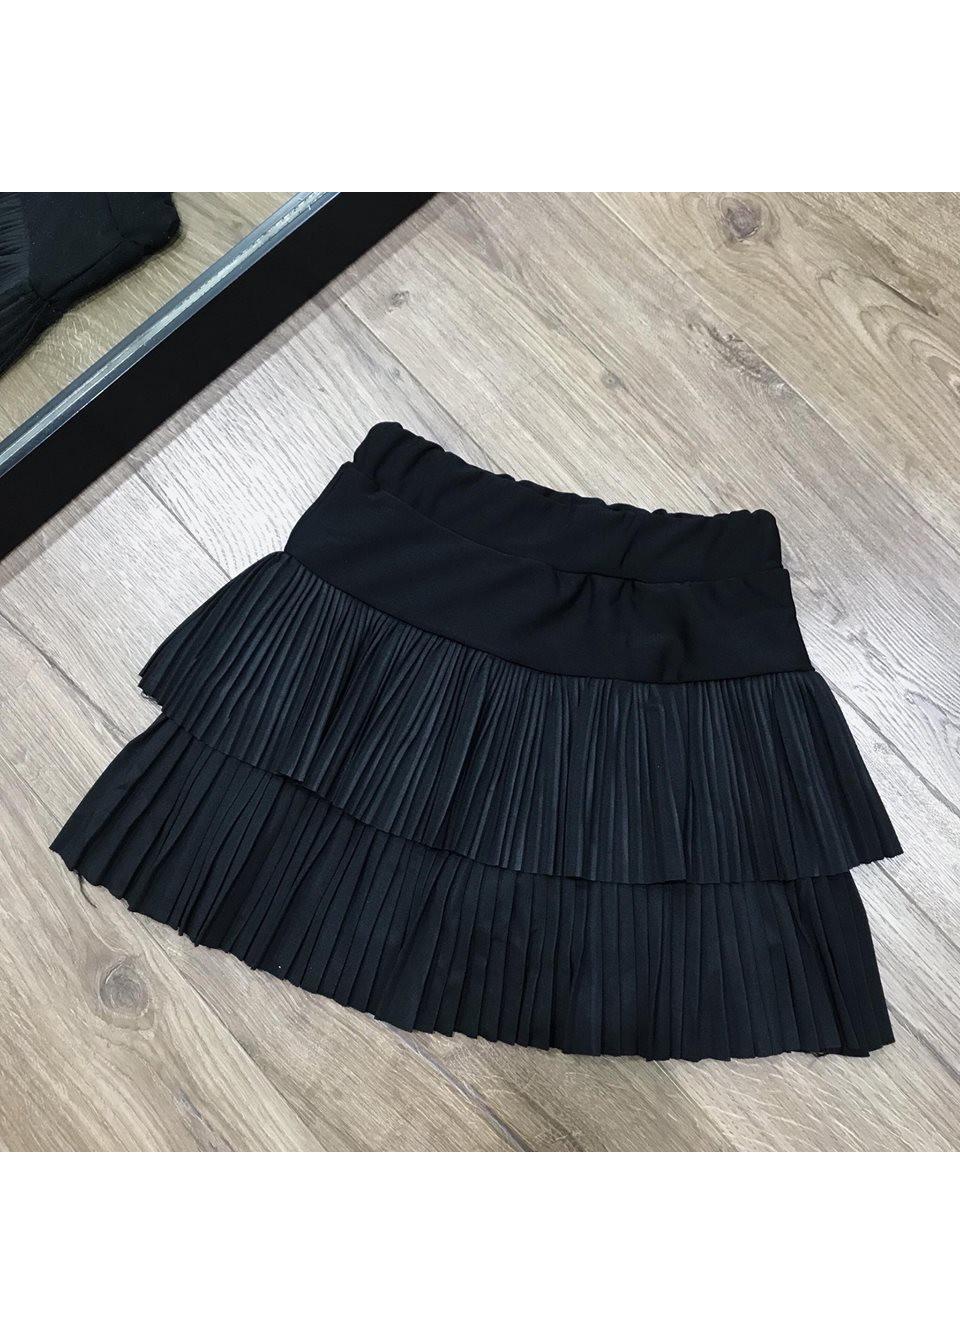 Chân váy dập ly xếp tầng có kèm quần xinh xắn